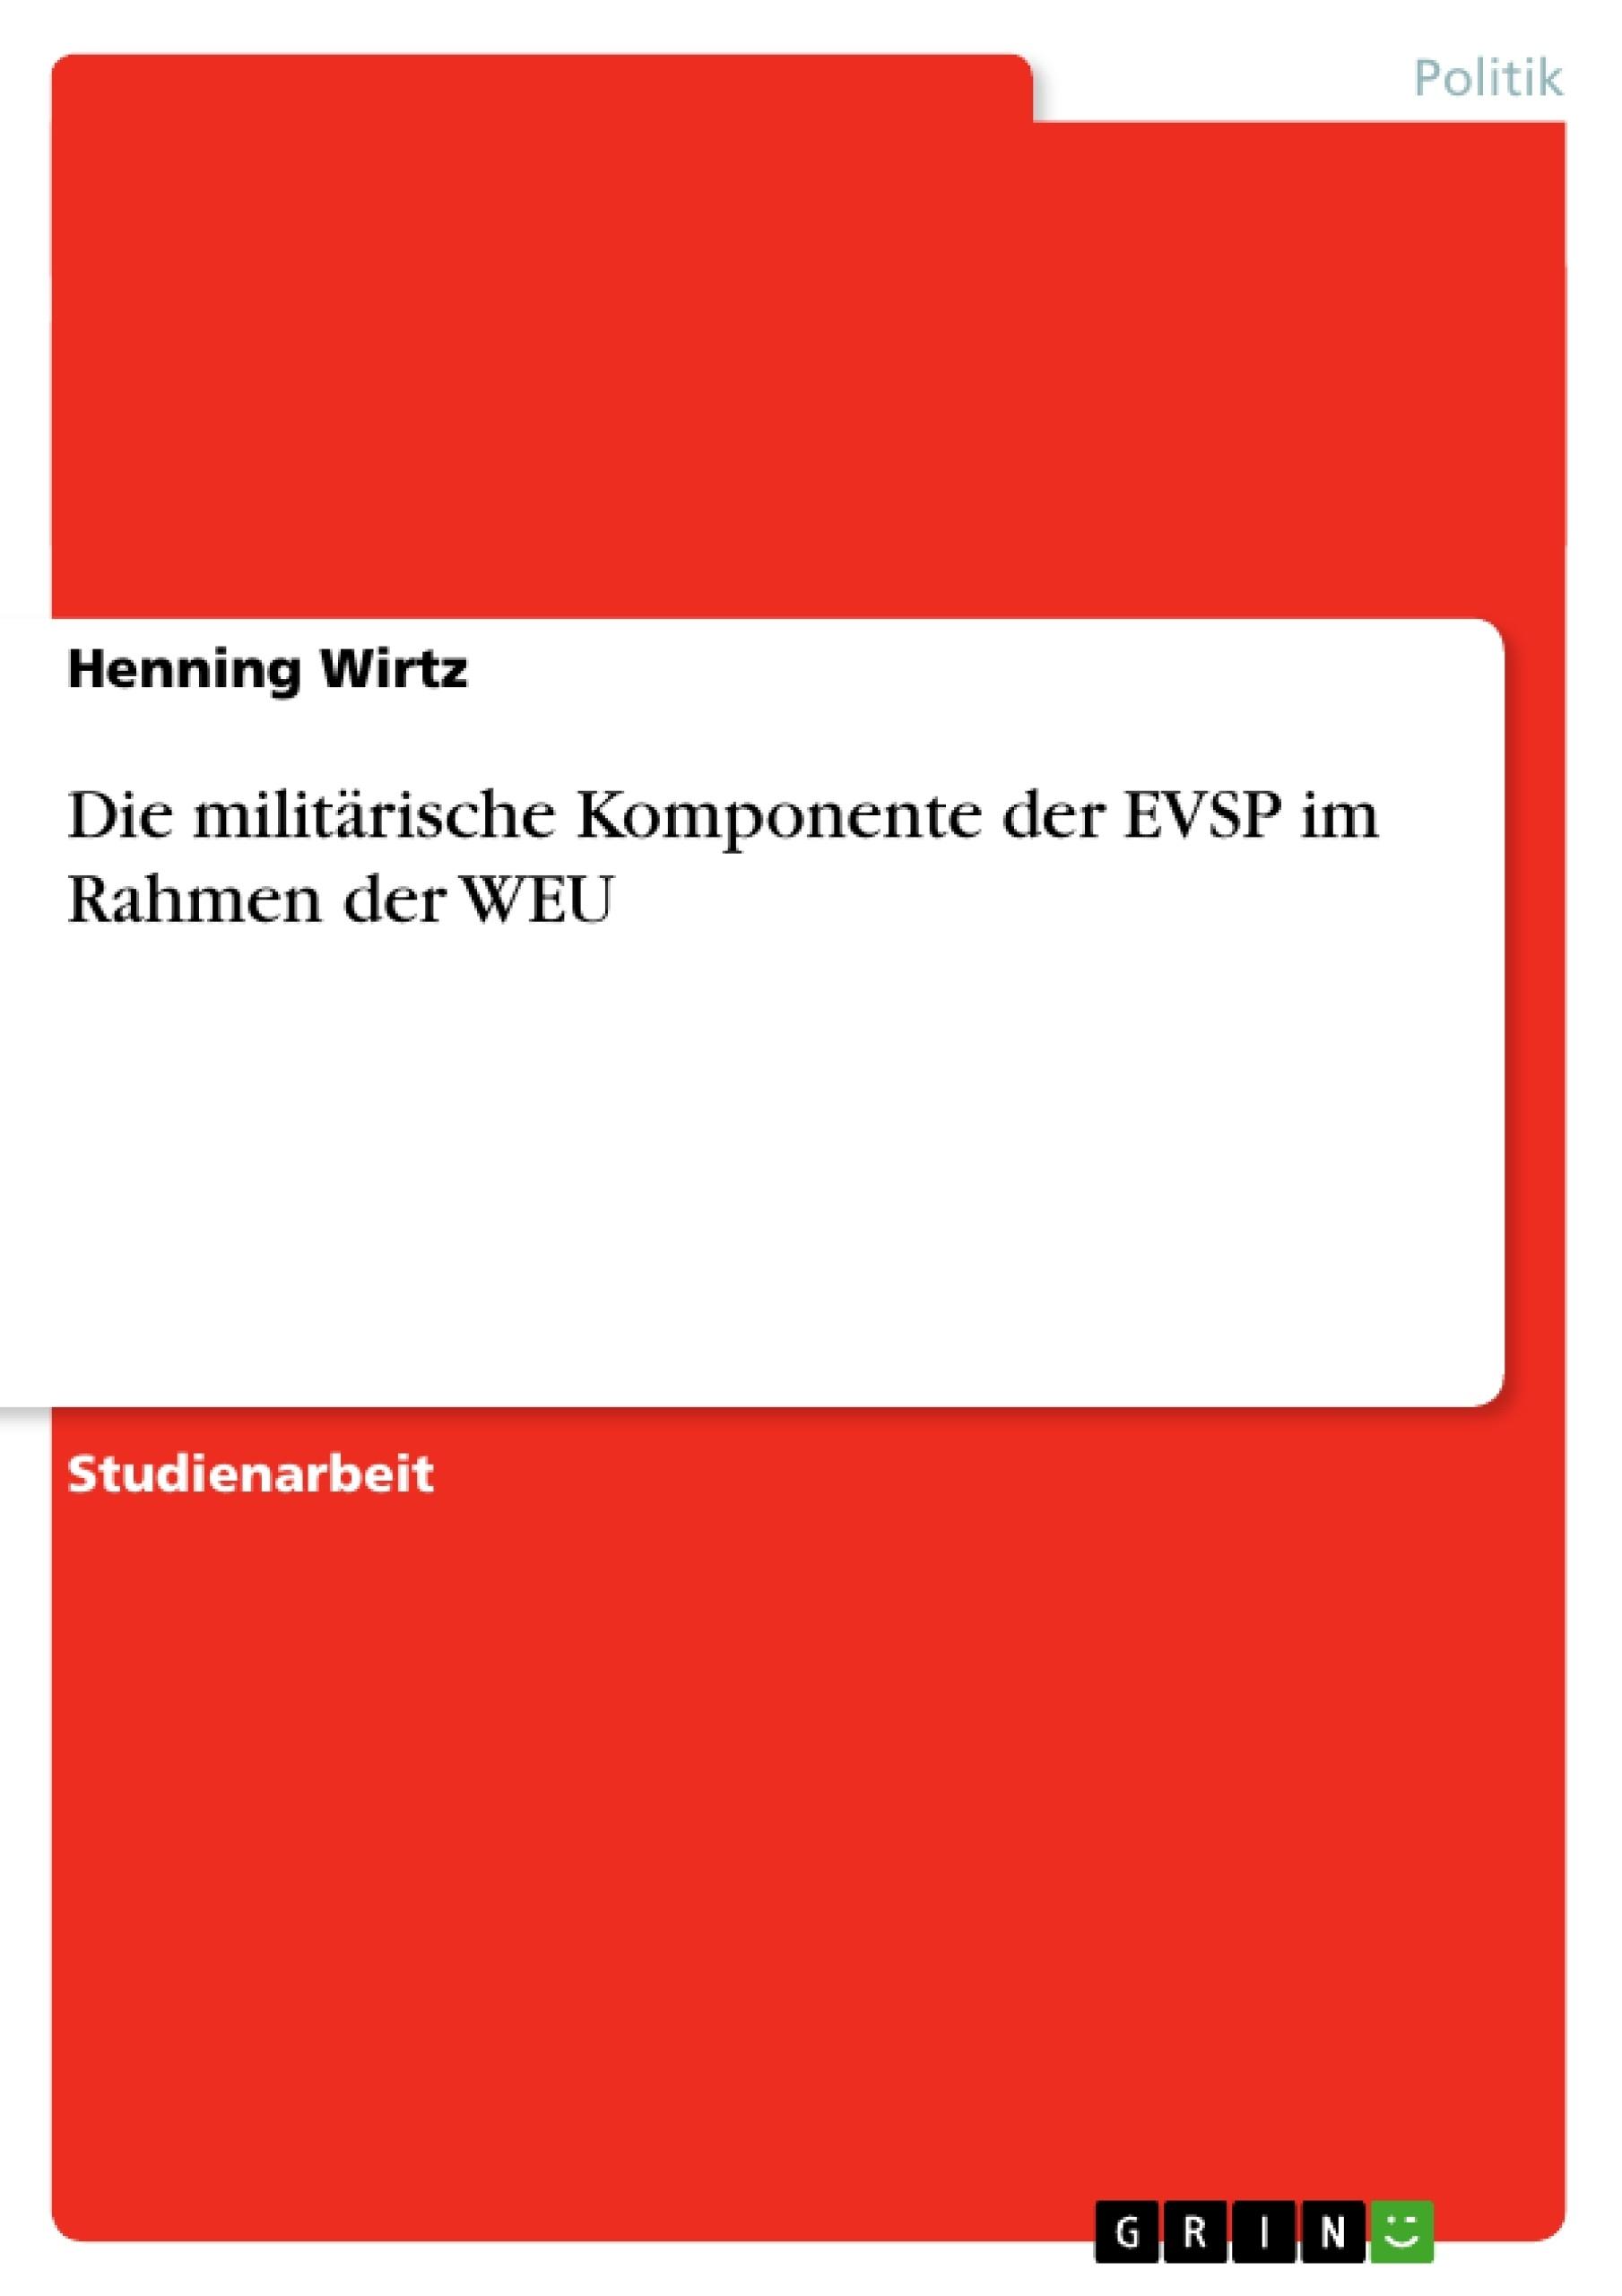 Titel: Die militärische Komponente der EVSP im Rahmen der WEU